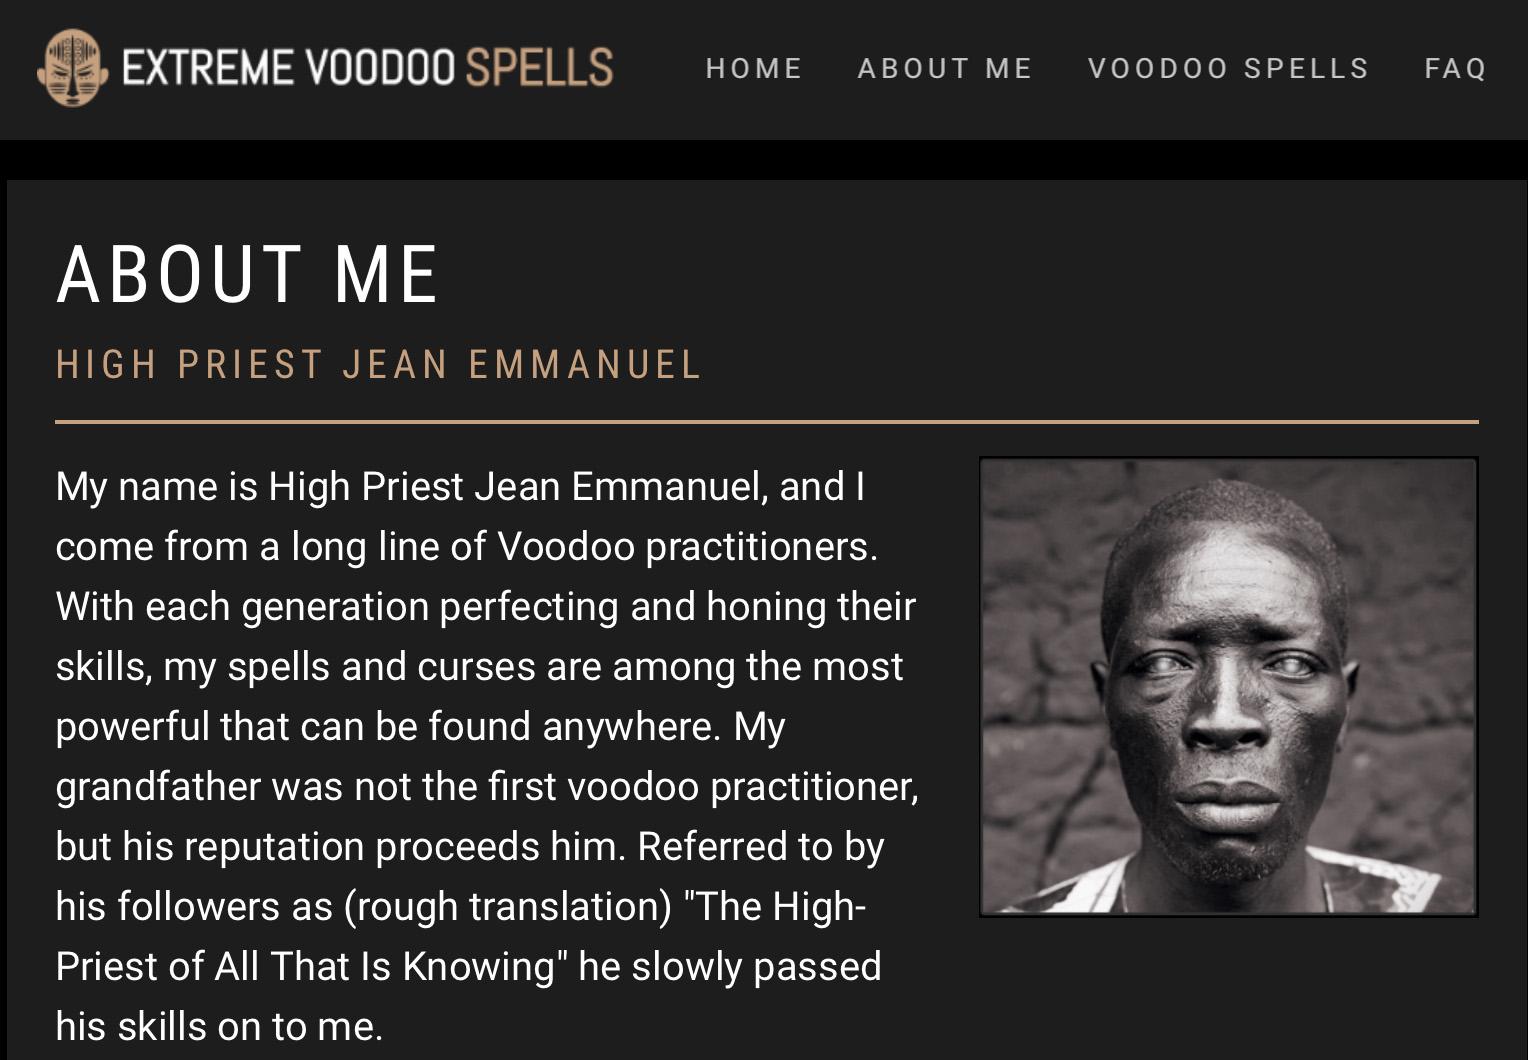 Who-is-high-priest-jean-emmanuel.jpg